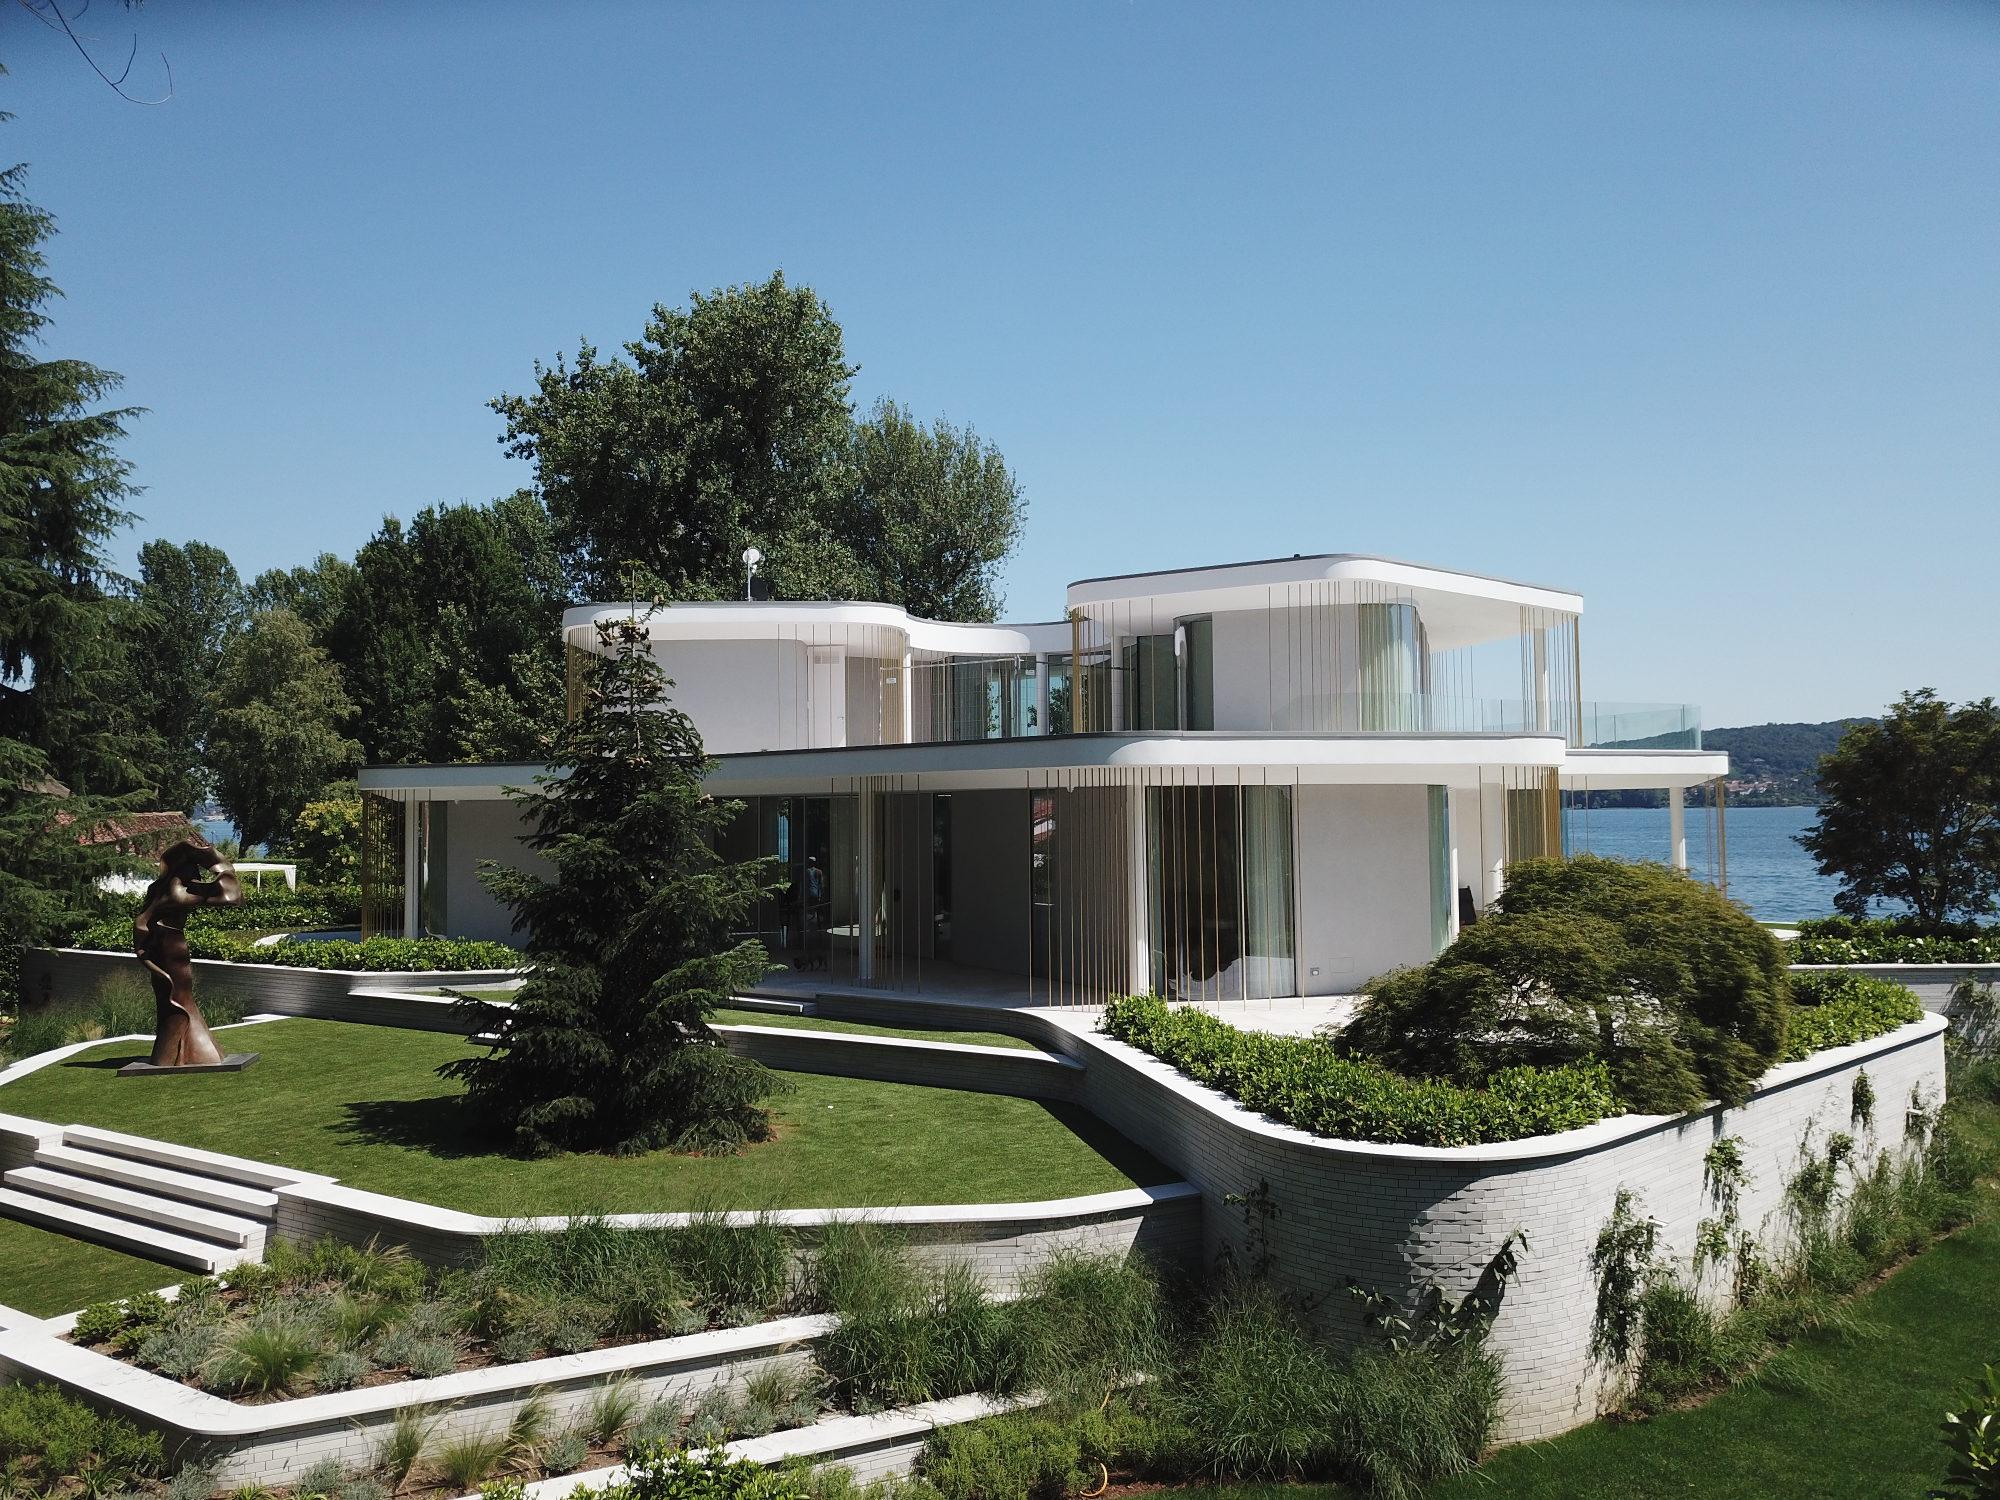 0718_RobertoManzetti-Architetto-NeuHouse-4